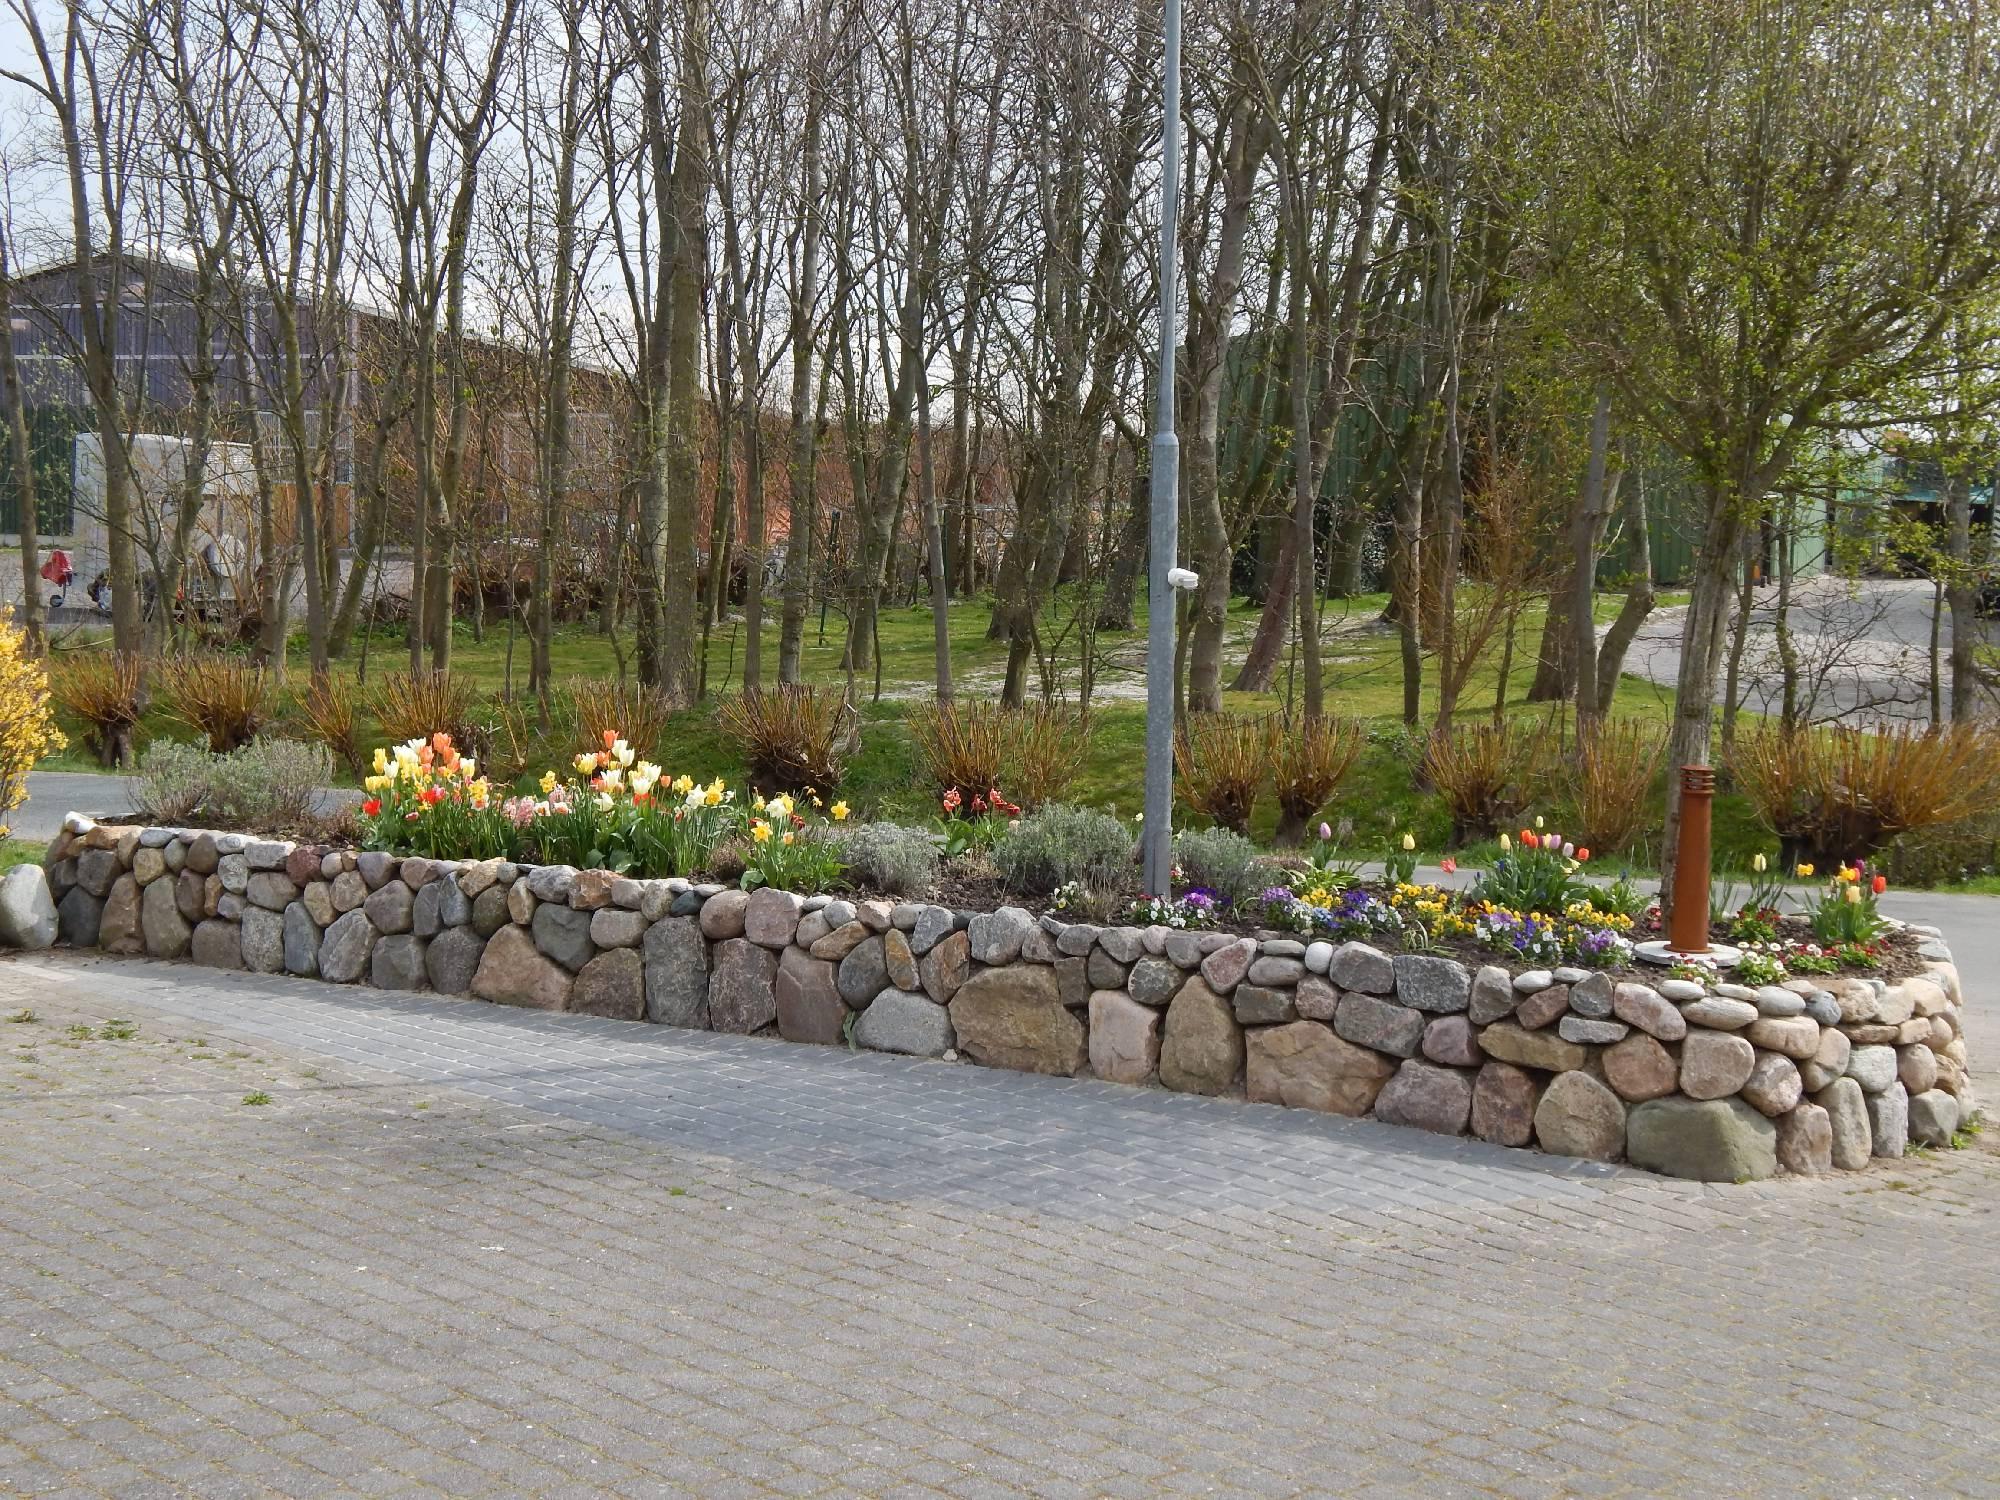 garten- und landschaftsbau wise büsum, büsumer deichhausen